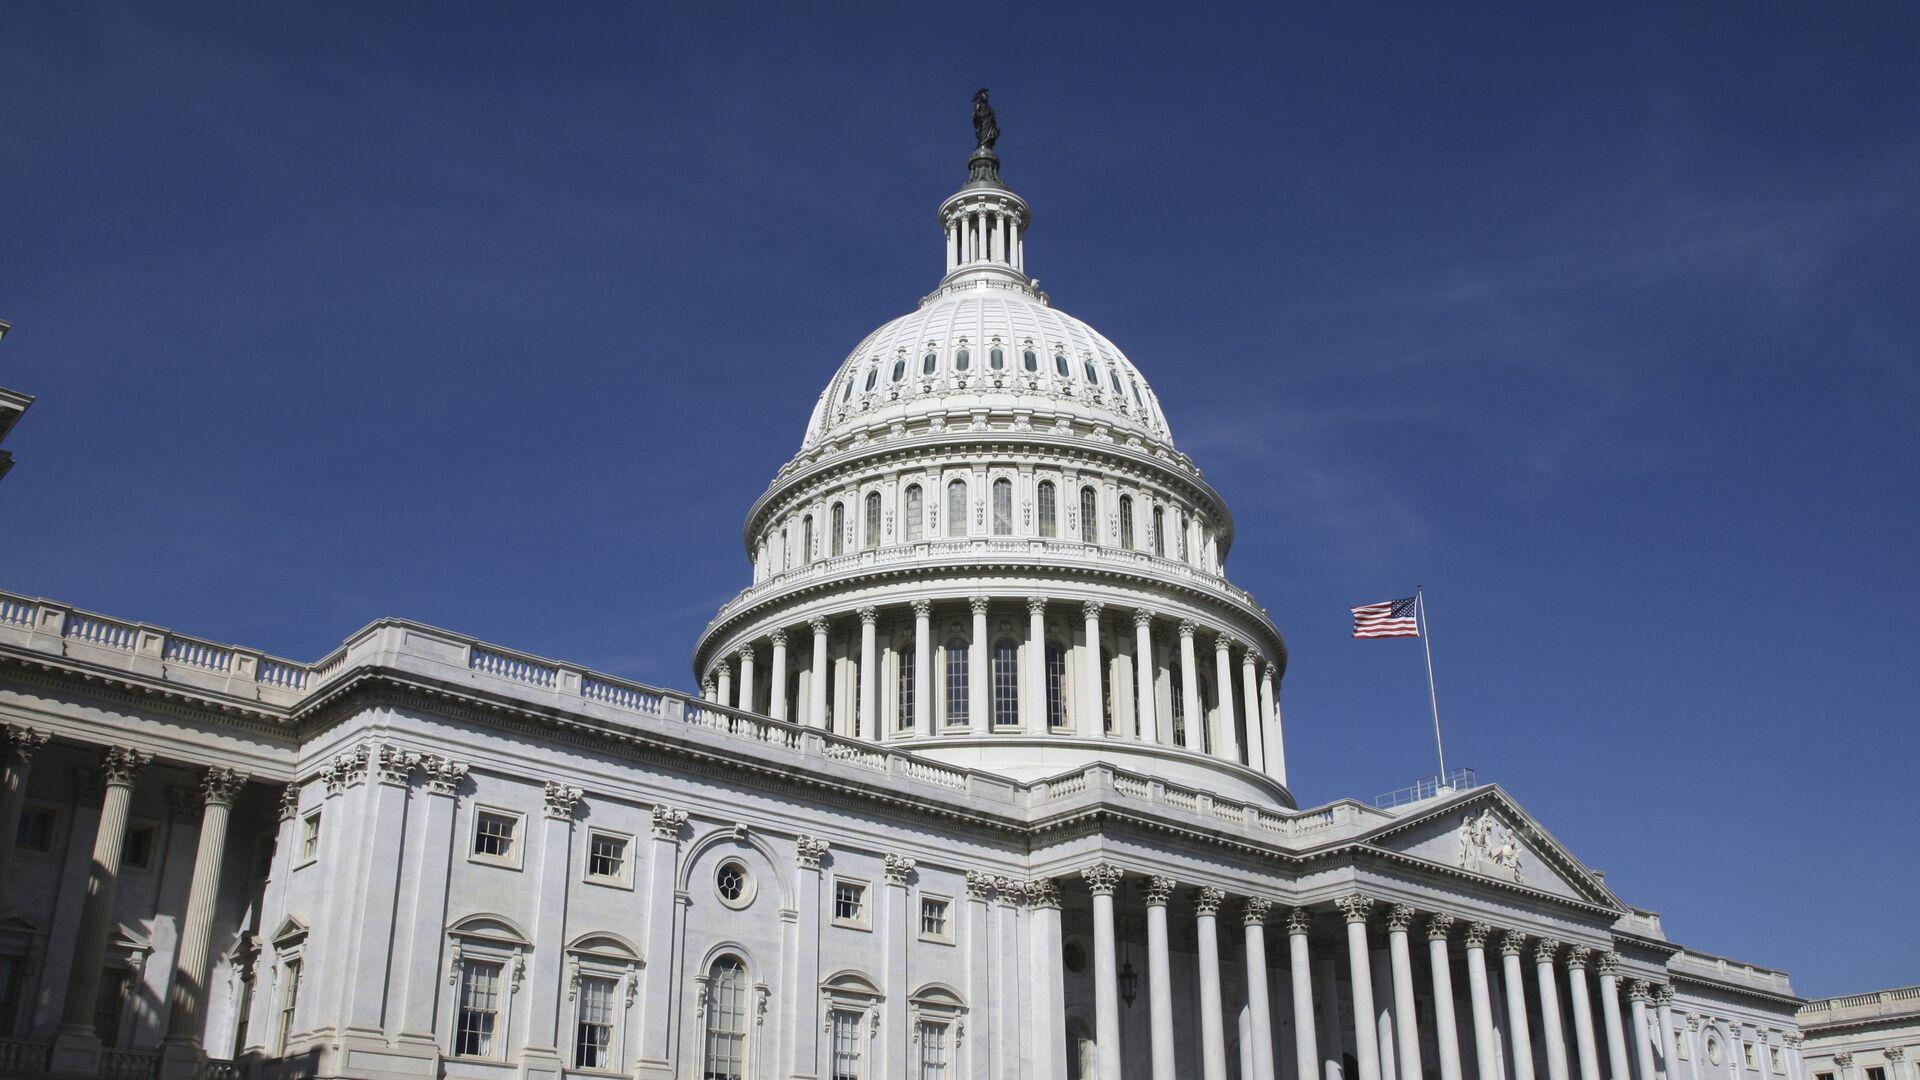 Здание конгресса США в Вашингтоне - РИА Новости, 1920, 25.11.2020